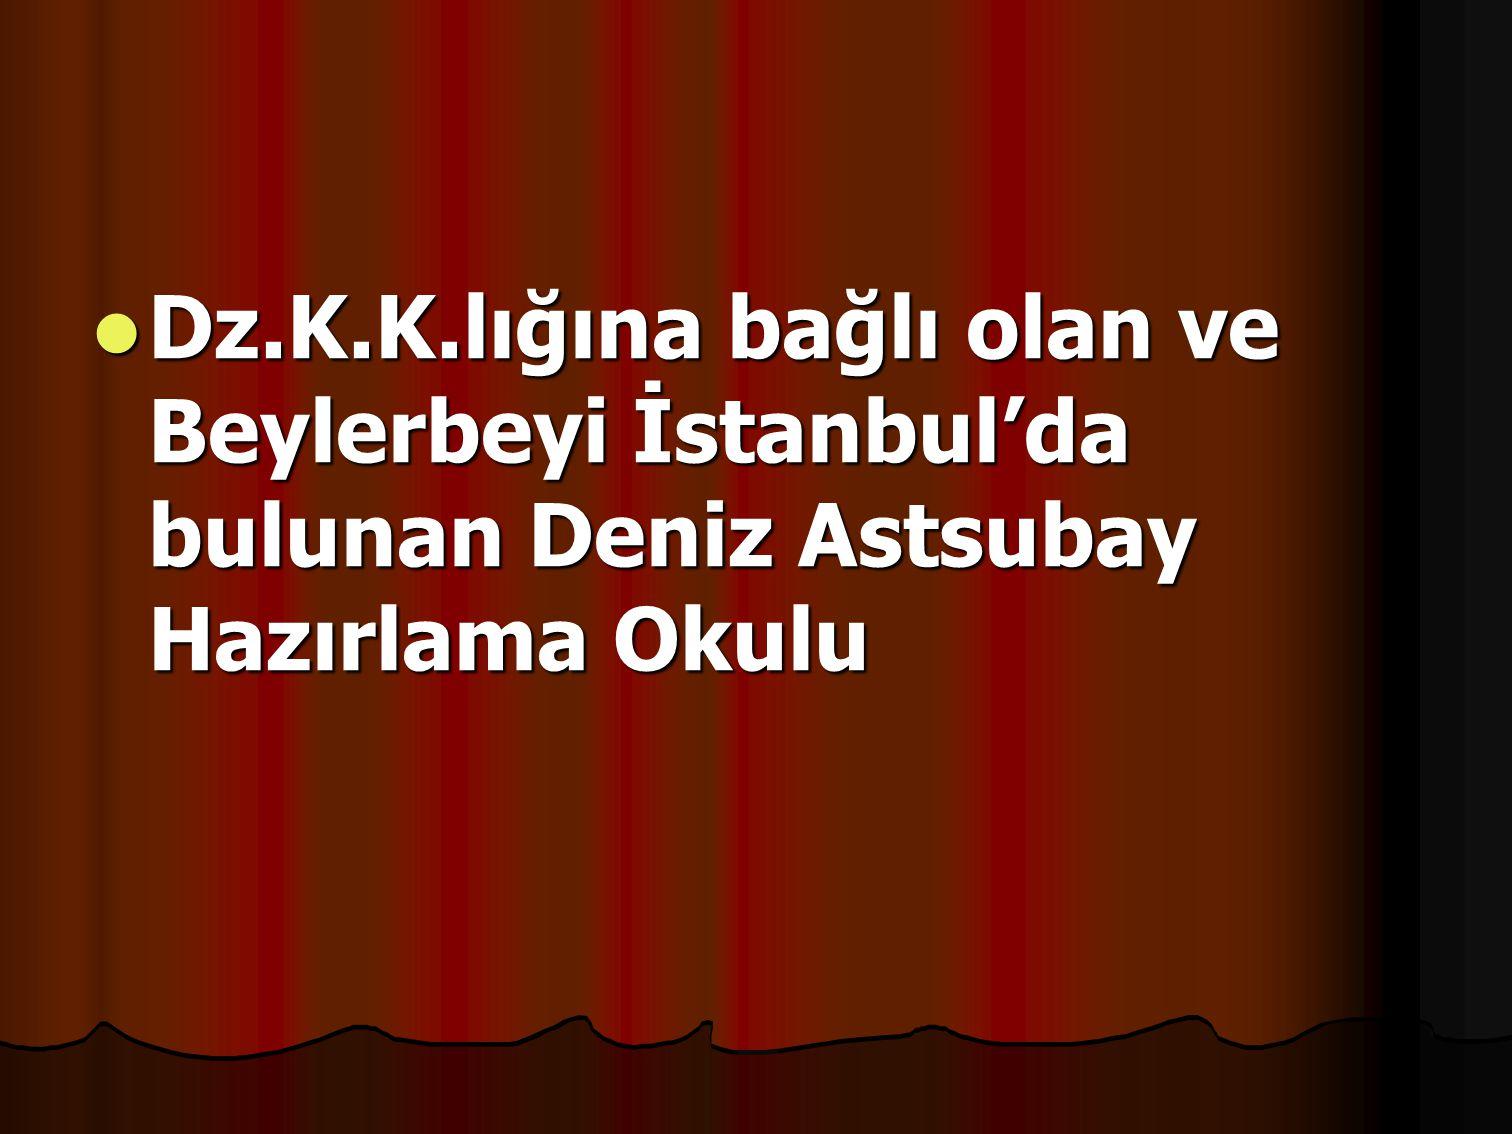 Dz.K.K.lığına bağlı olan ve Beylerbeyi İstanbul'da bulunan Deniz Astsubay Hazırlama Okulu